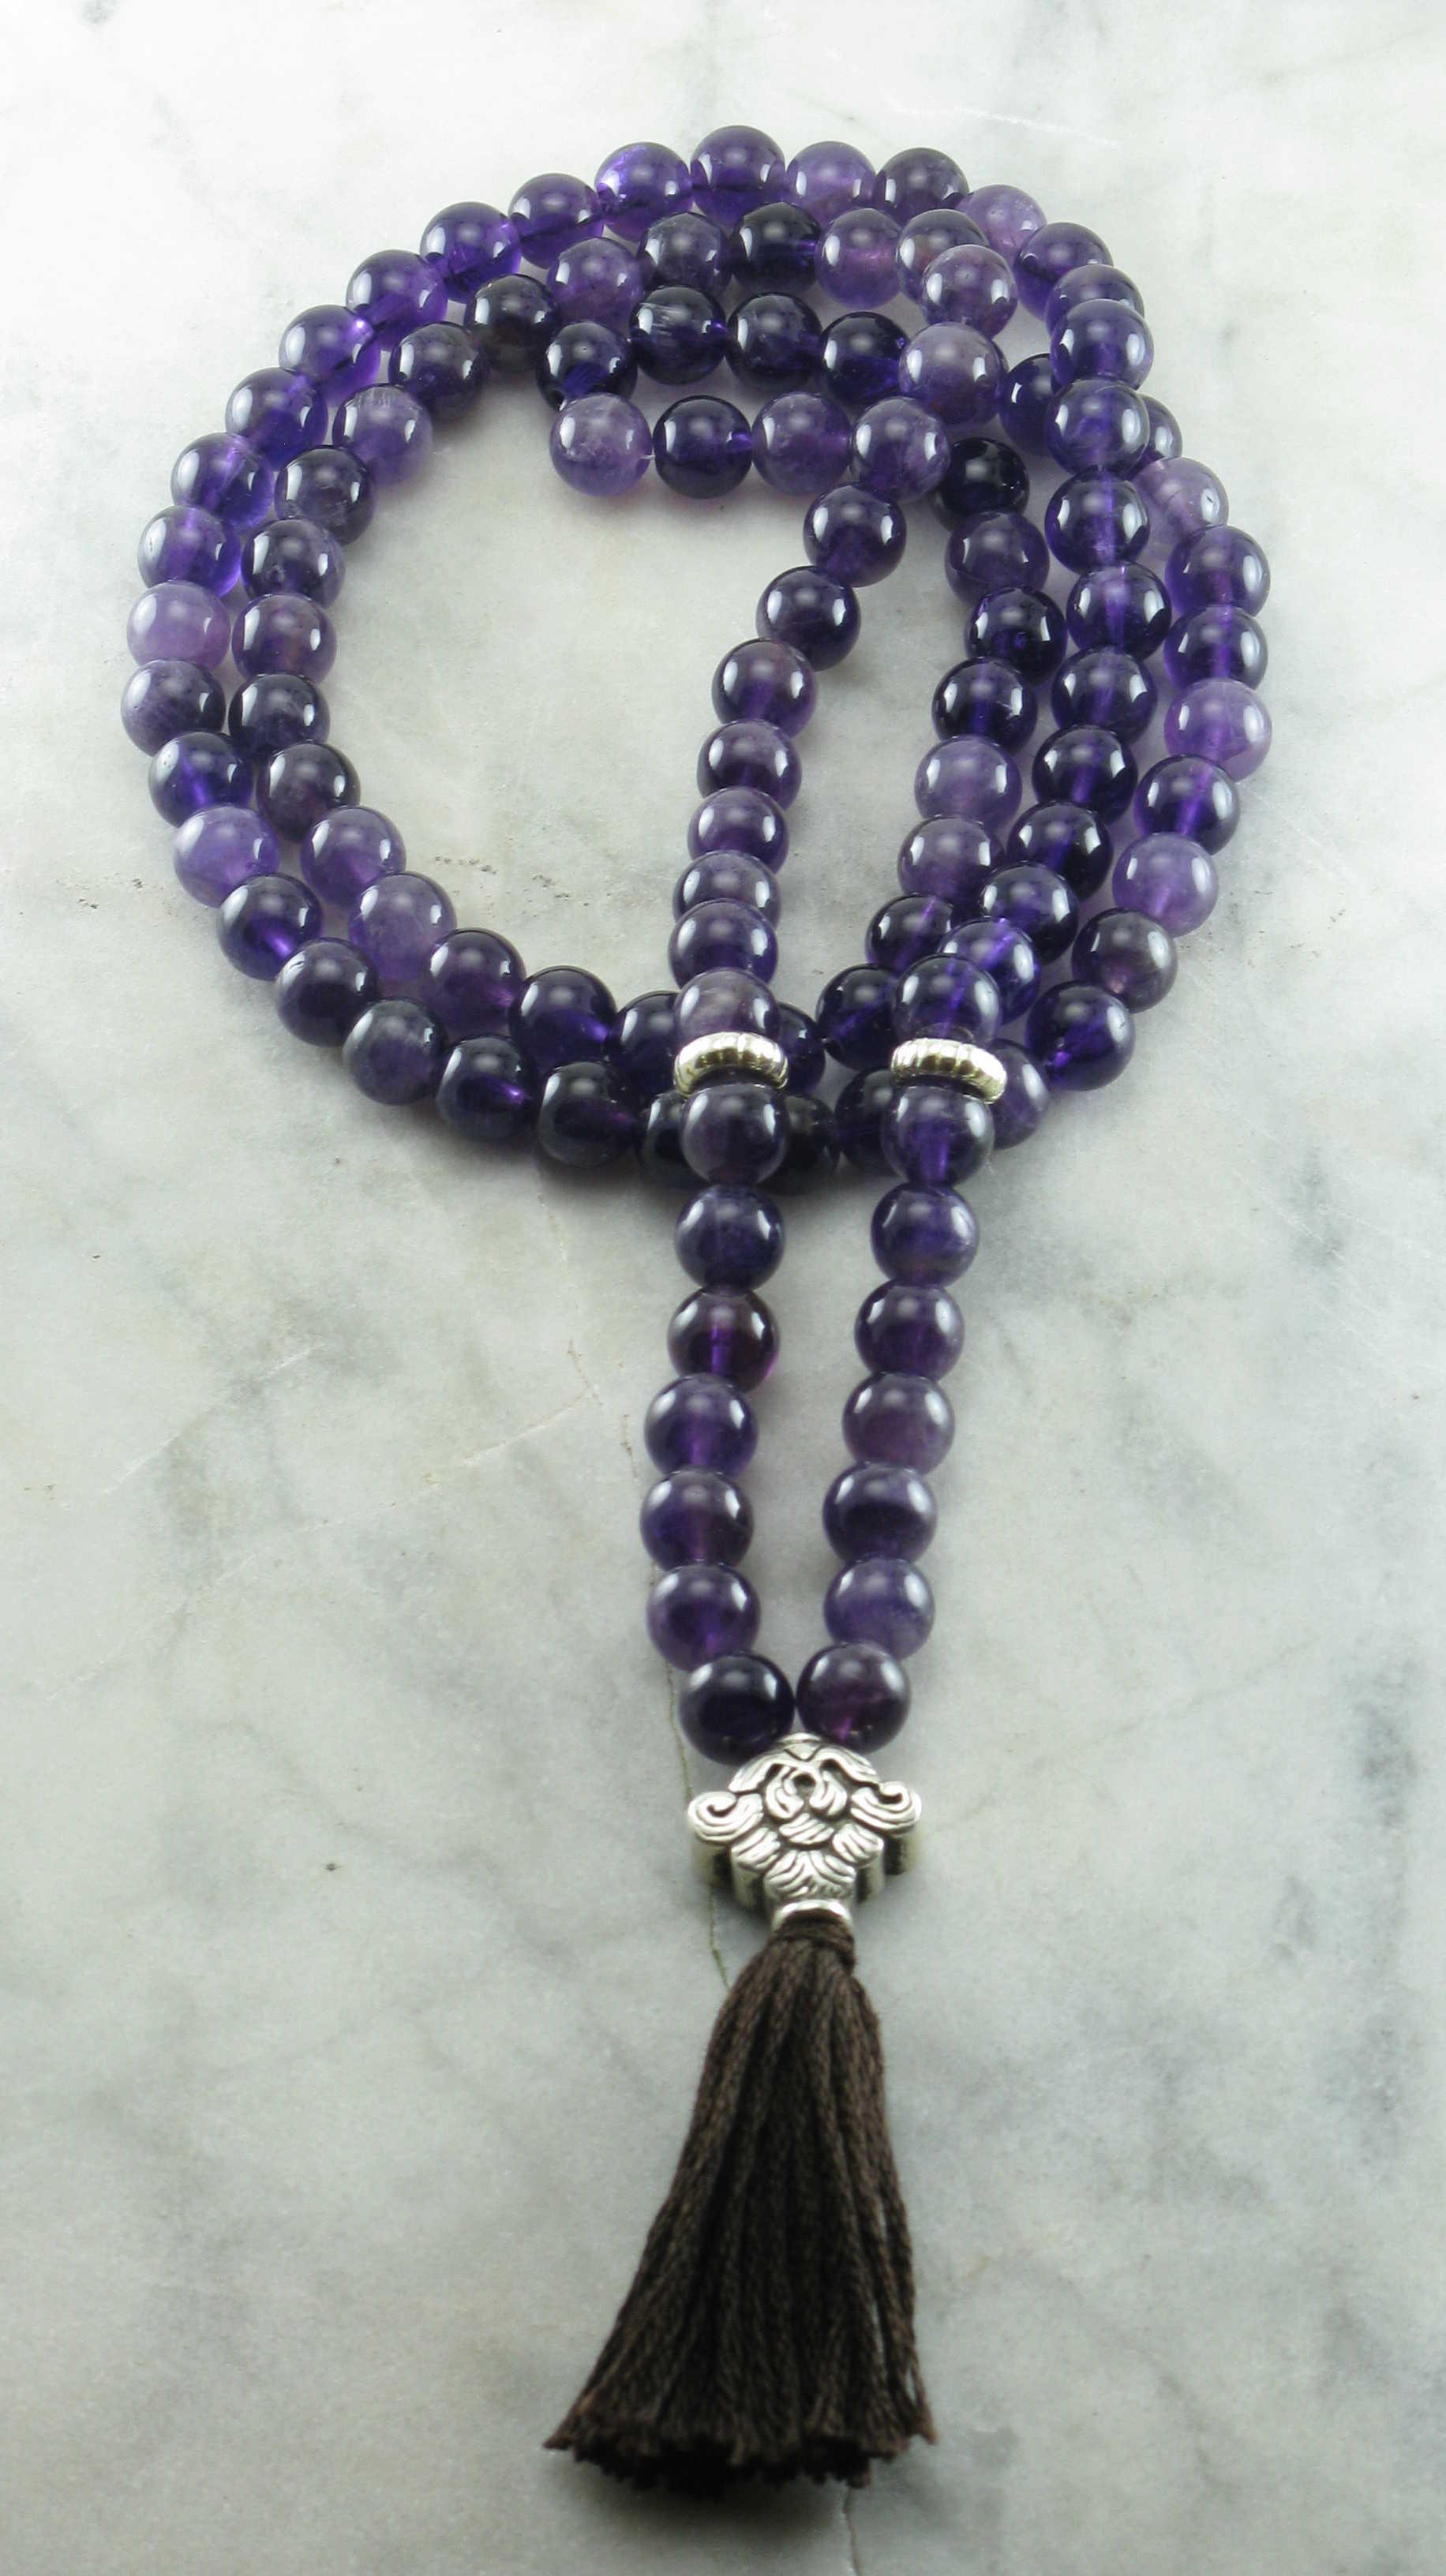 Ayurvedic Purification Mala 108 Mala Beads Buddhist